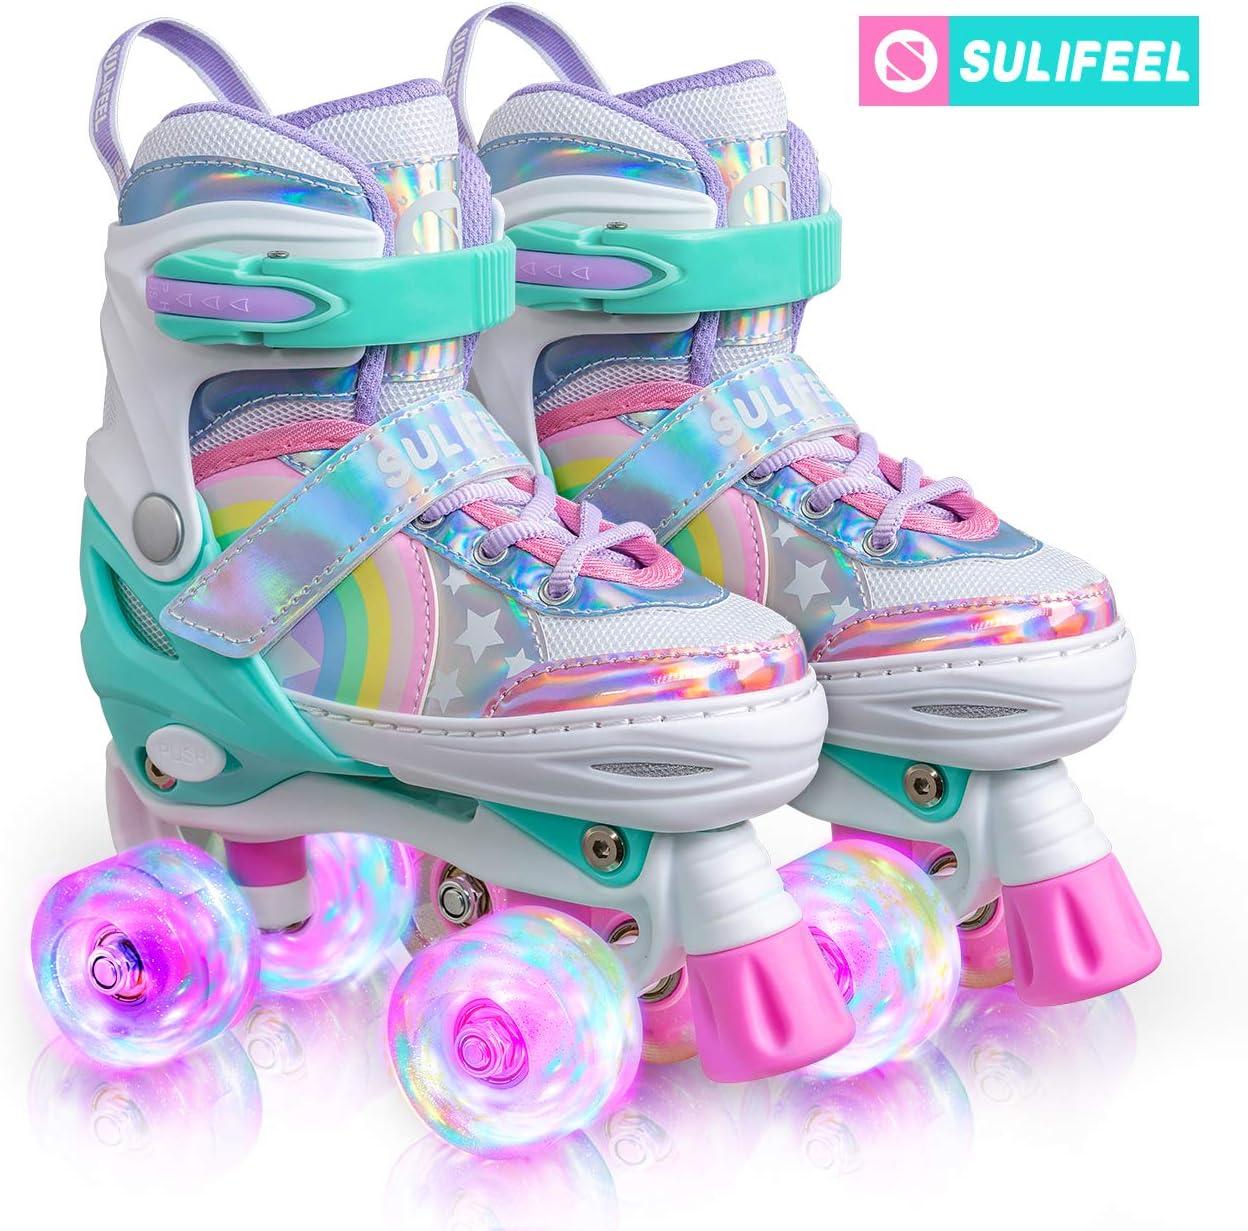 SULIFEEL - Patines de ruedas con luz ajustable, diseño de unicornio arcoíris